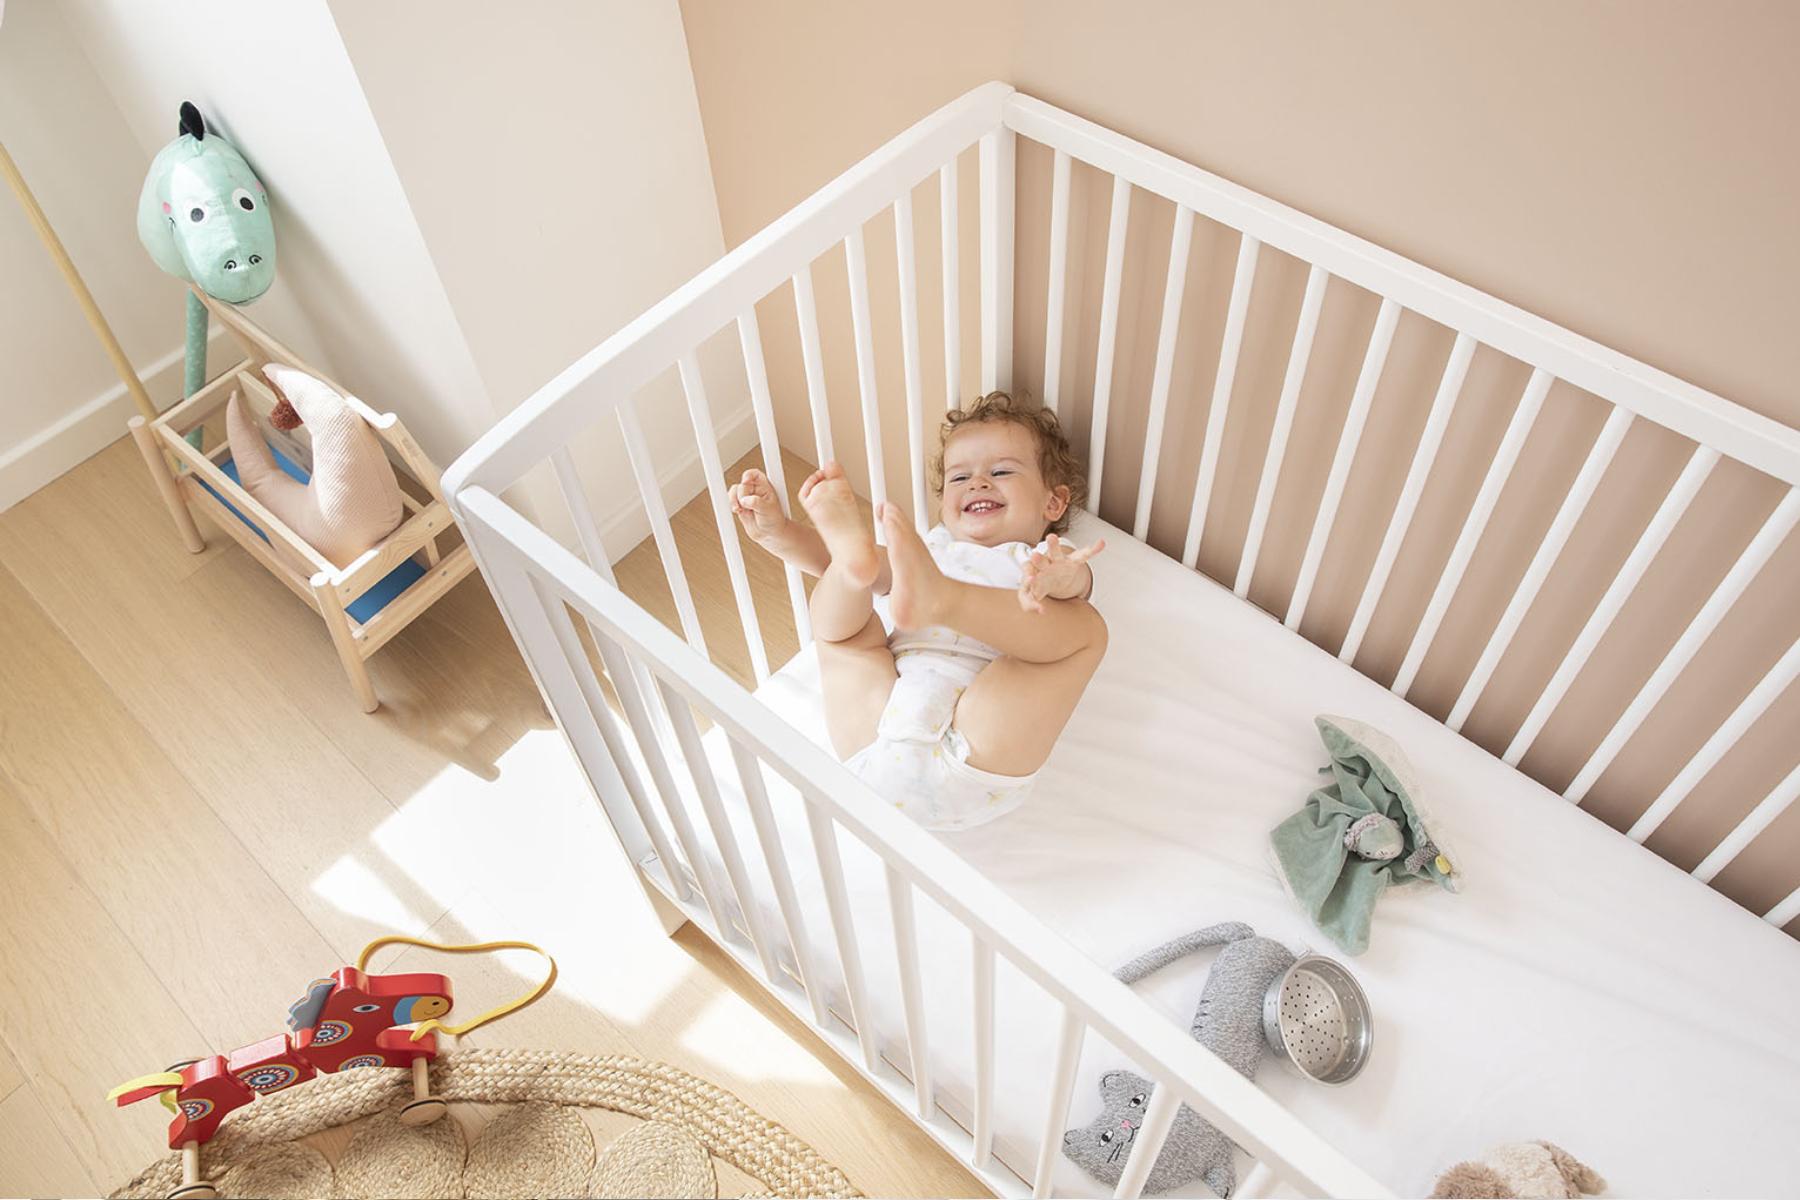 Bébé joue les pieds en l'air dans son lit à barreaux sur son matelas Bébé Ilobed.